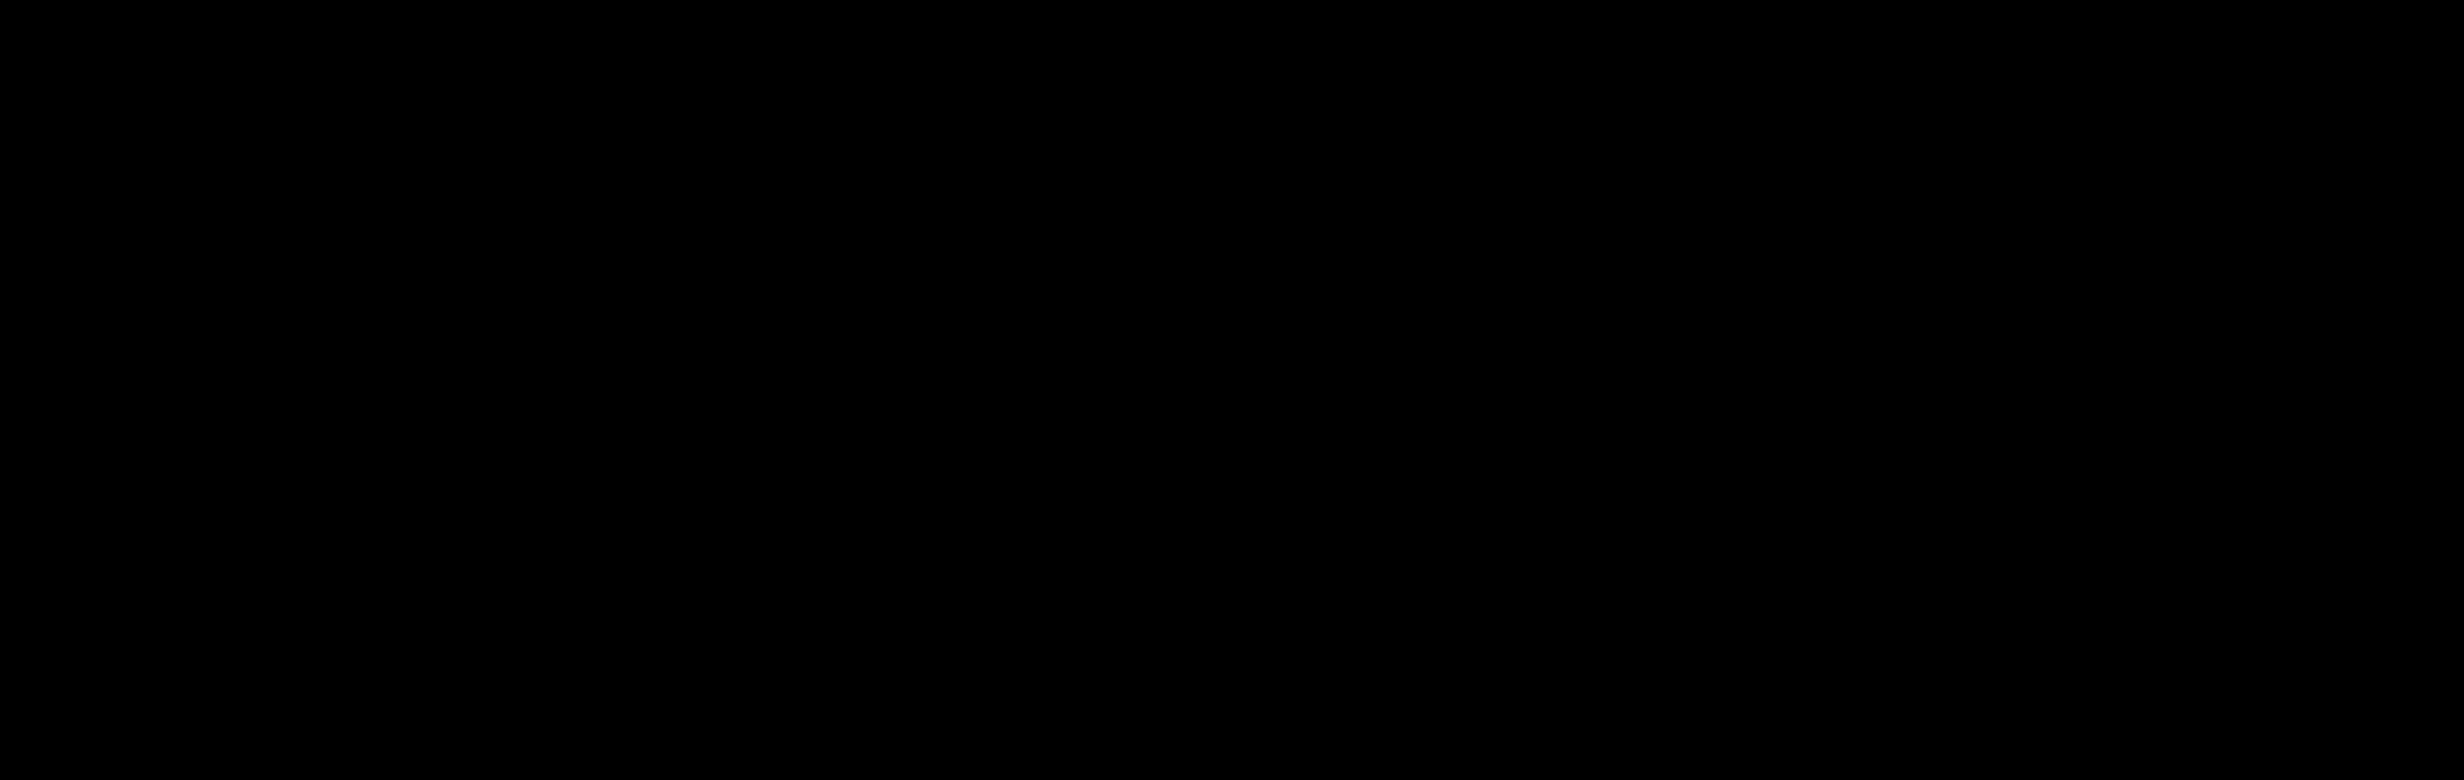 N-Iodoacetyl-N